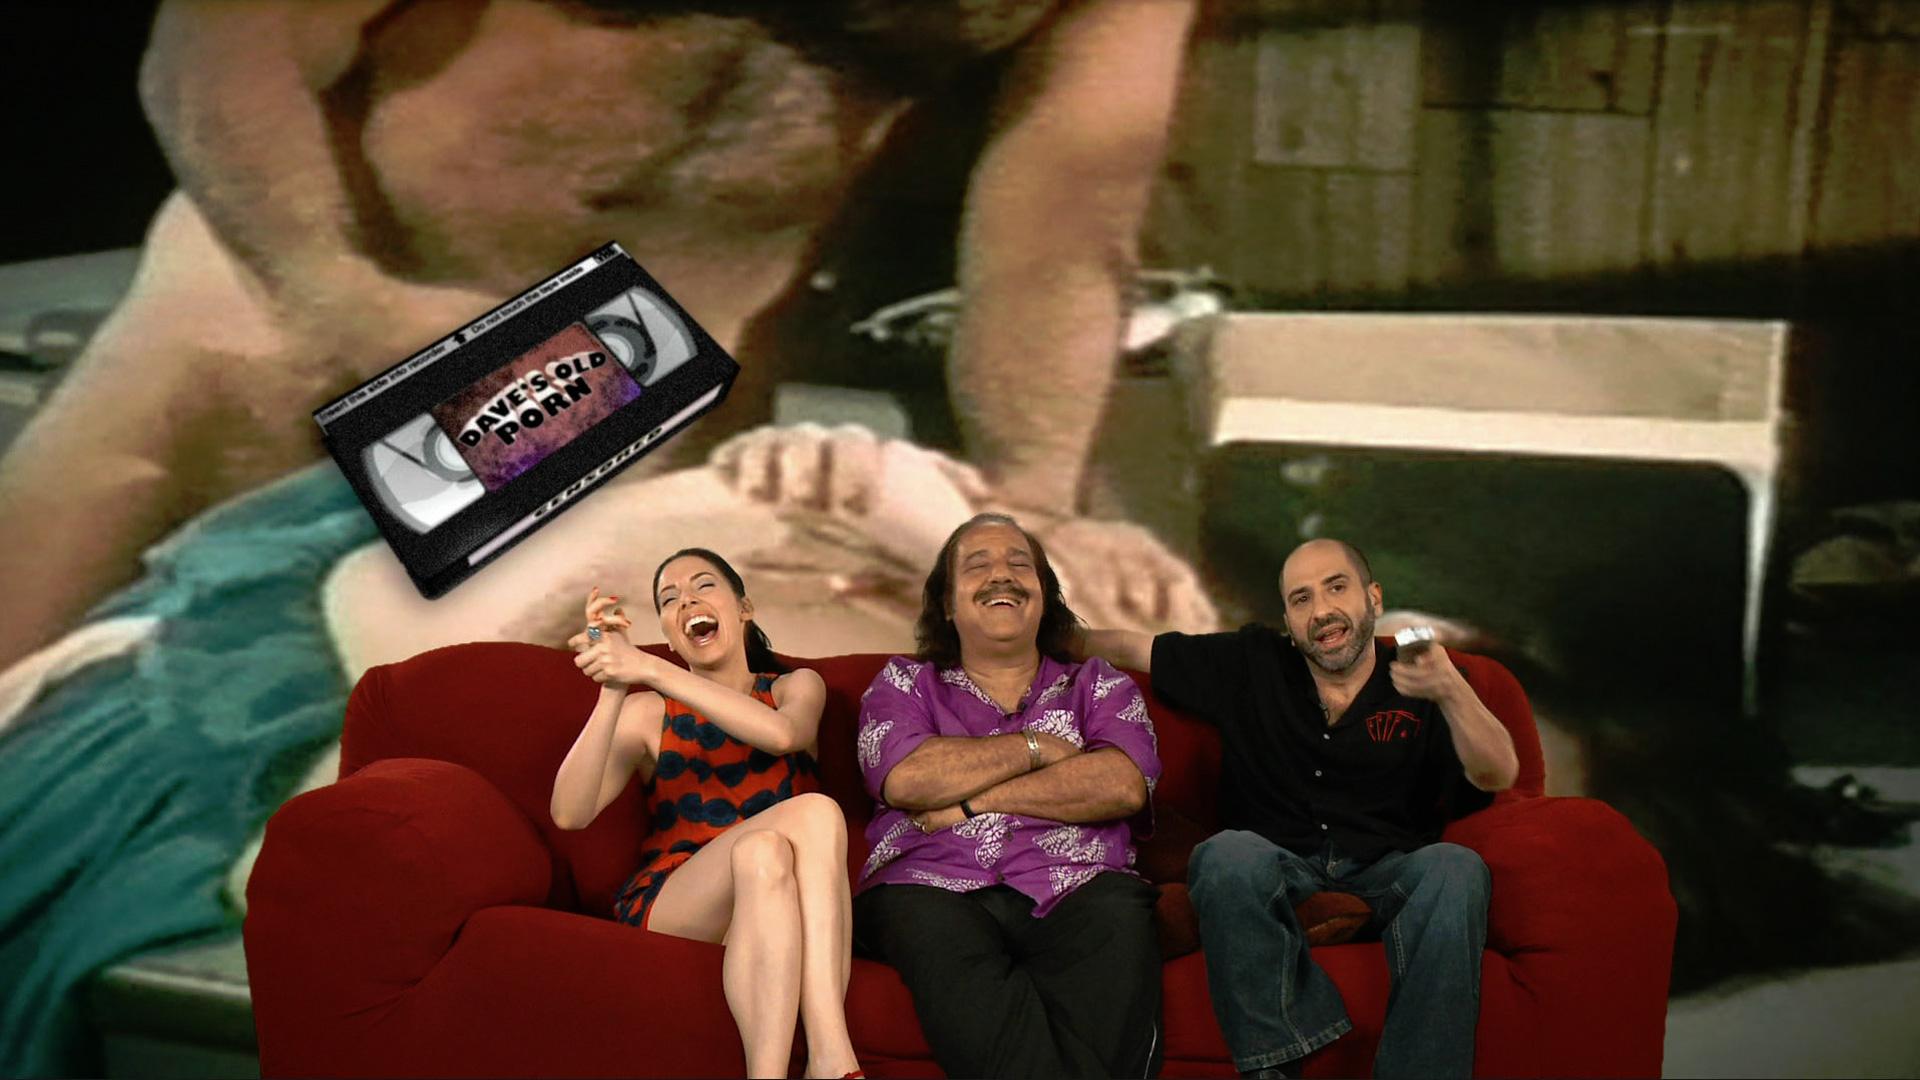 Daves Old Porn S01 1080i HDTV DD5.1 MPEG2 TrollHD